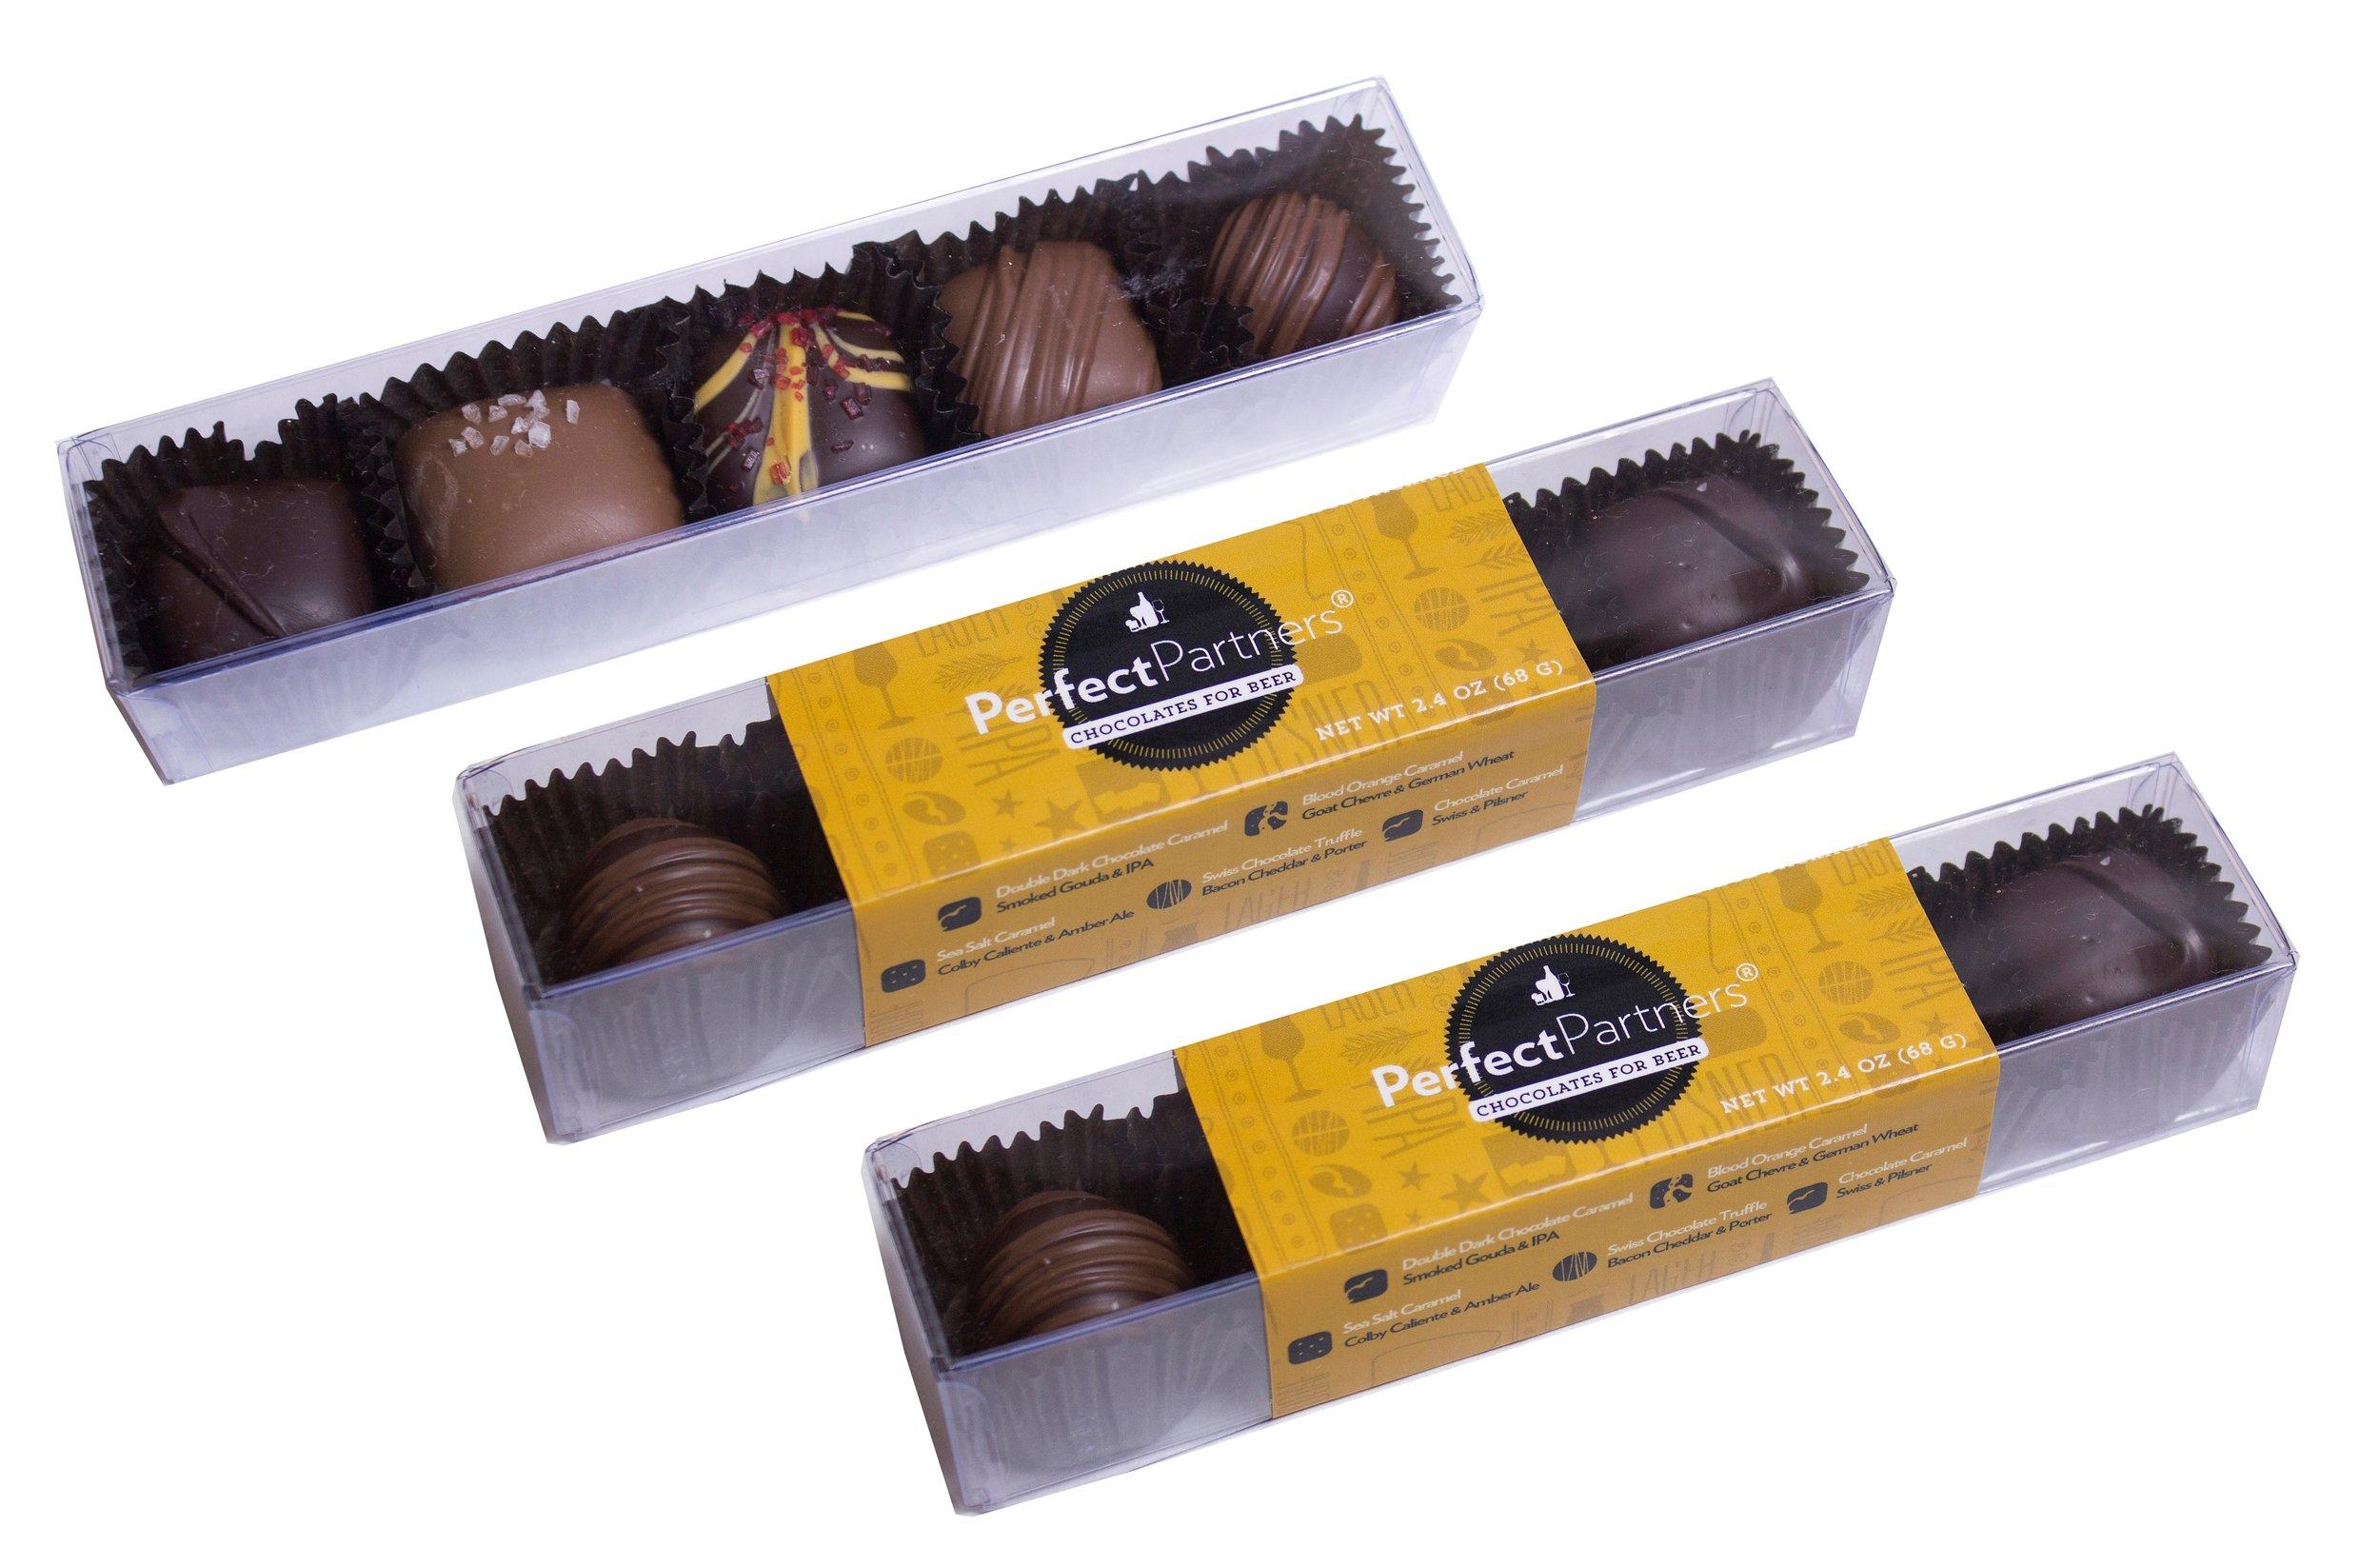 Chocolate for Beer Pairings